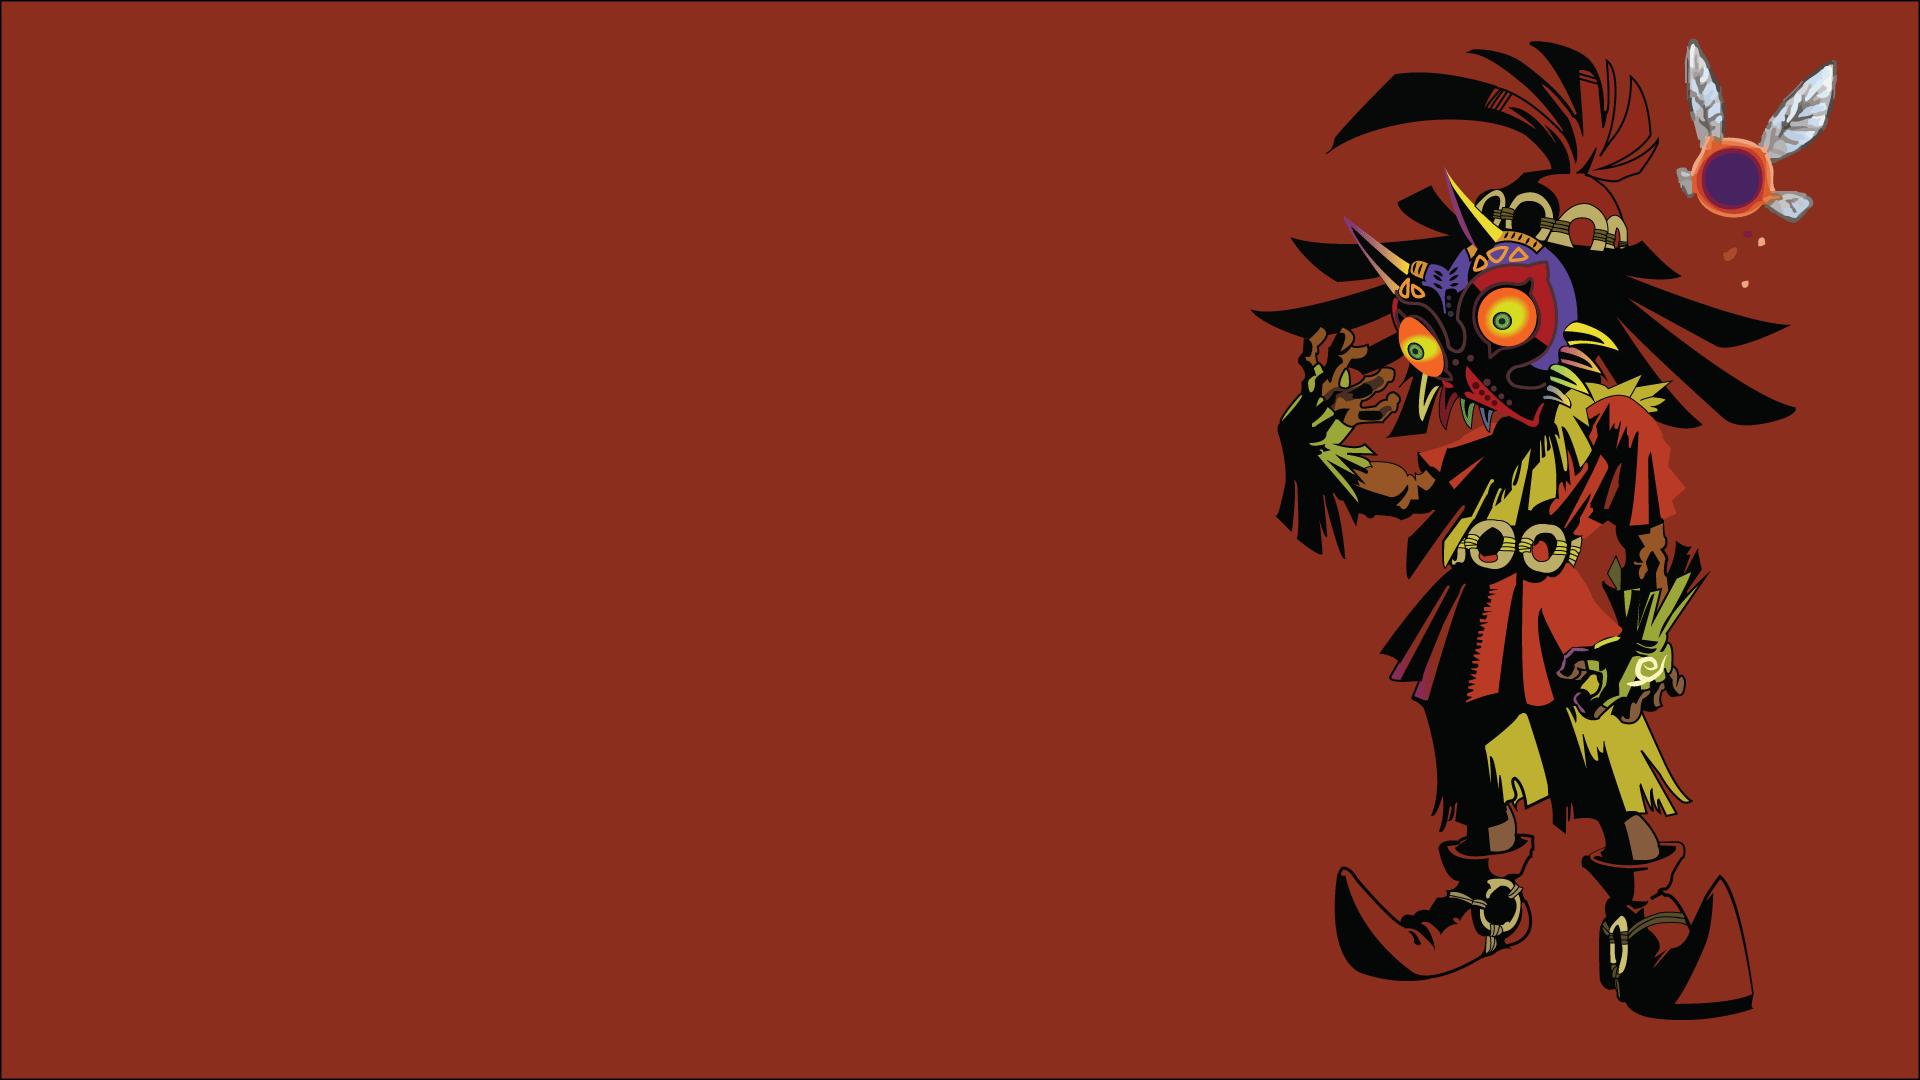 Zelda Majoras Mask Wallpaper Skull Kid 1920x1080